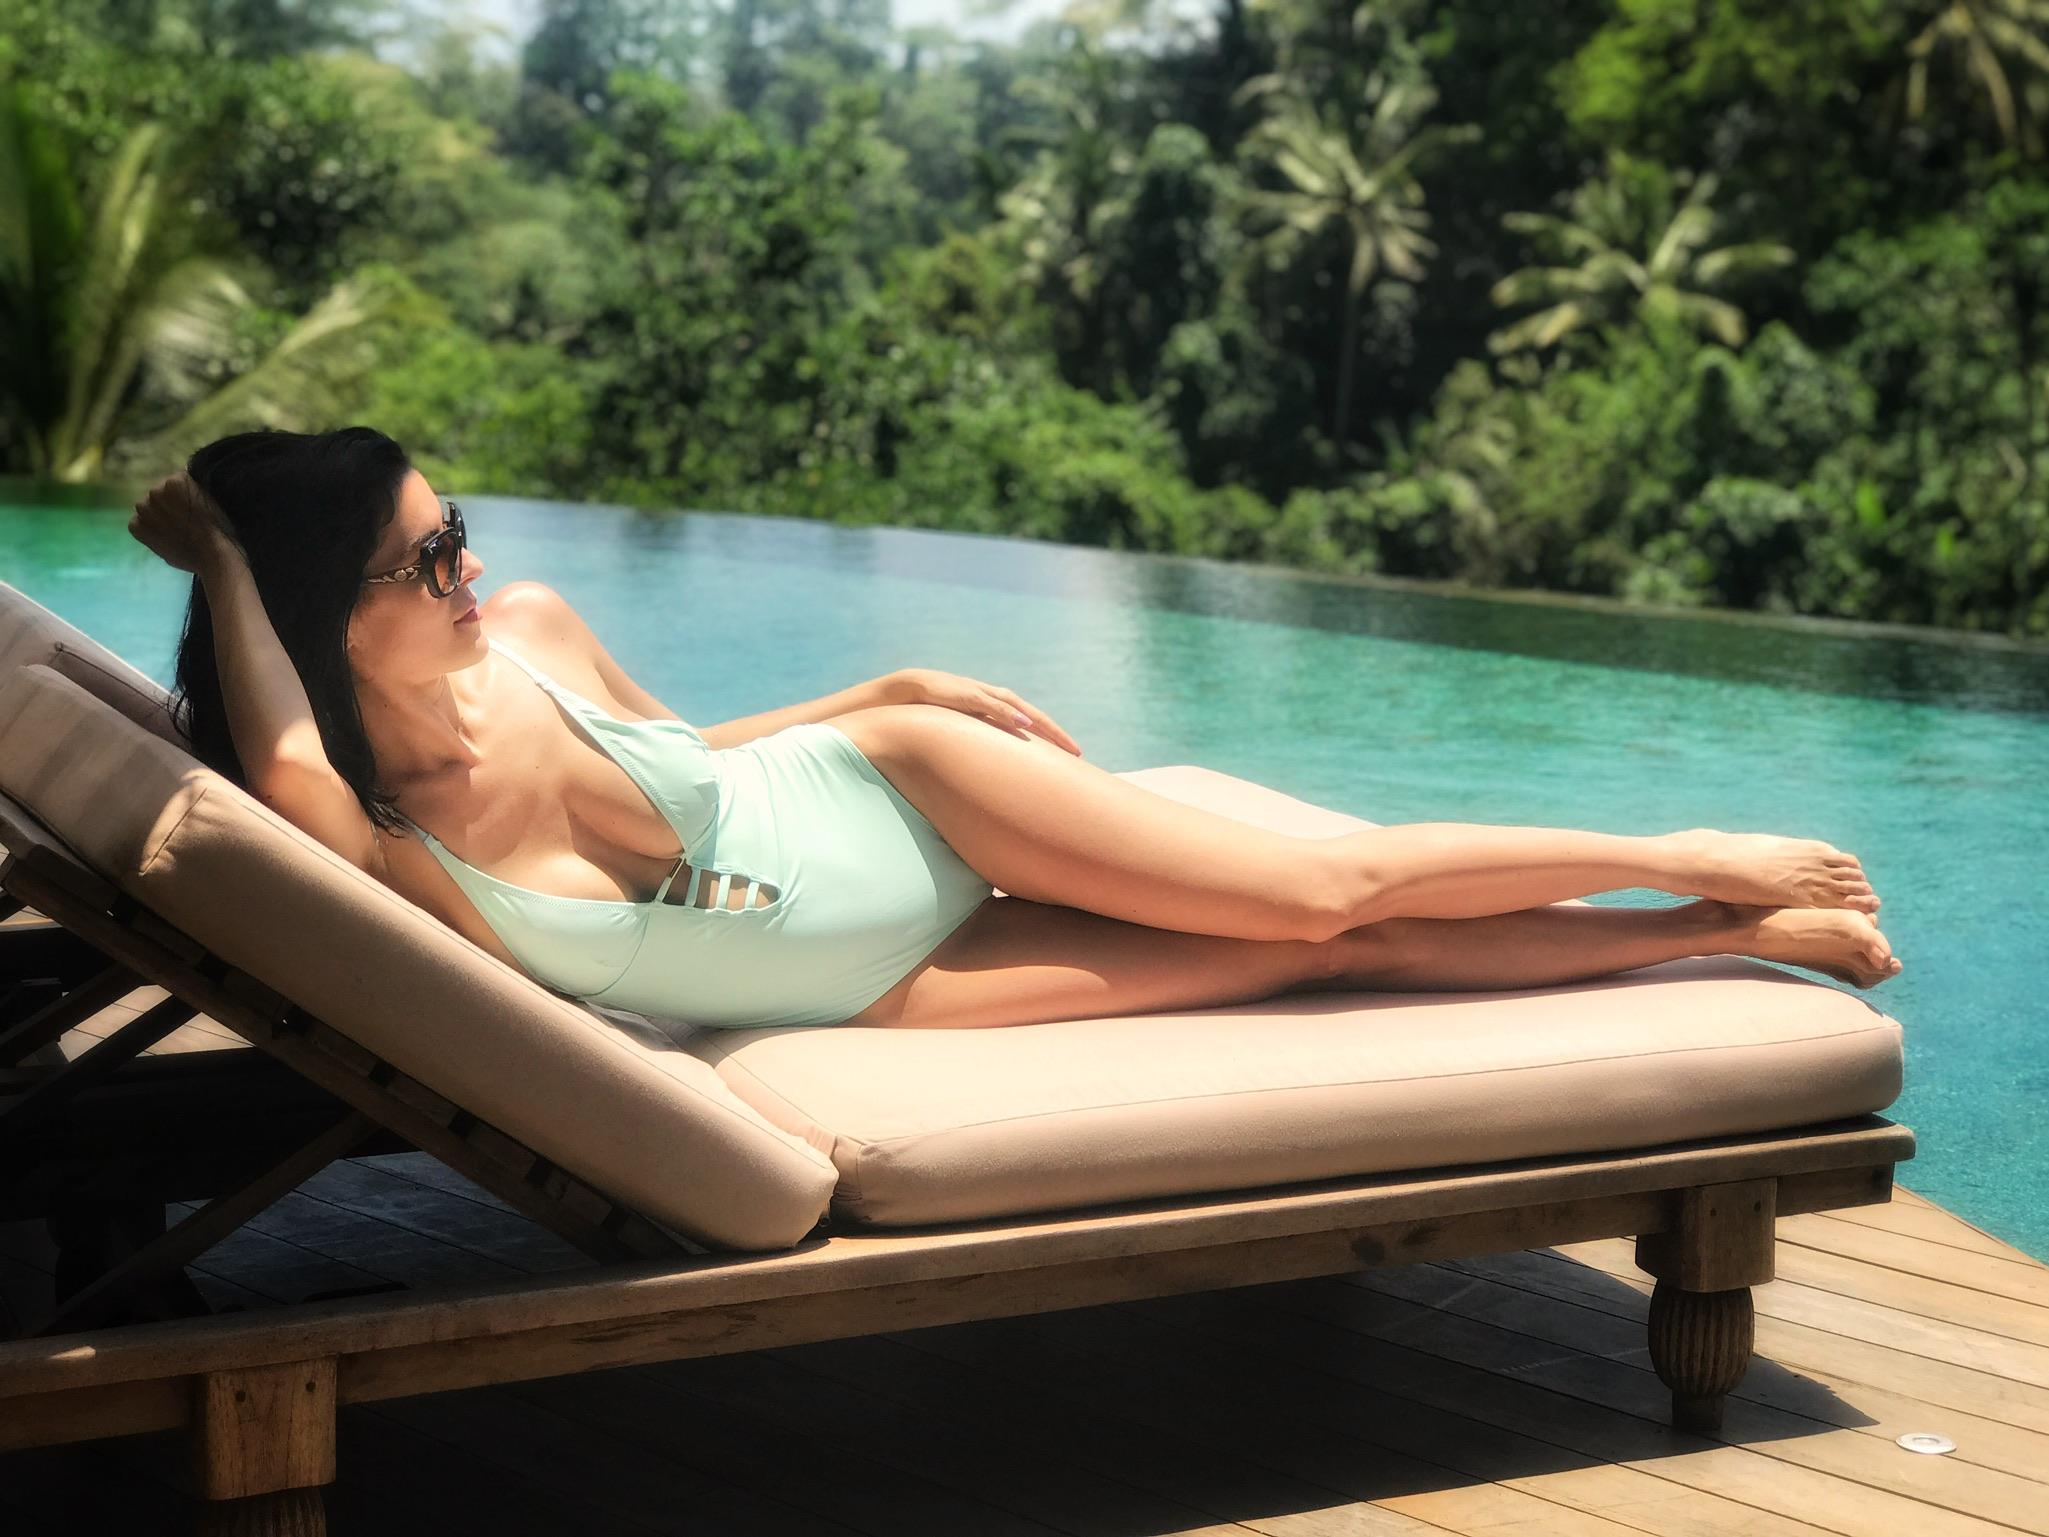 Prima zi in Bali. Relaxare maxima!